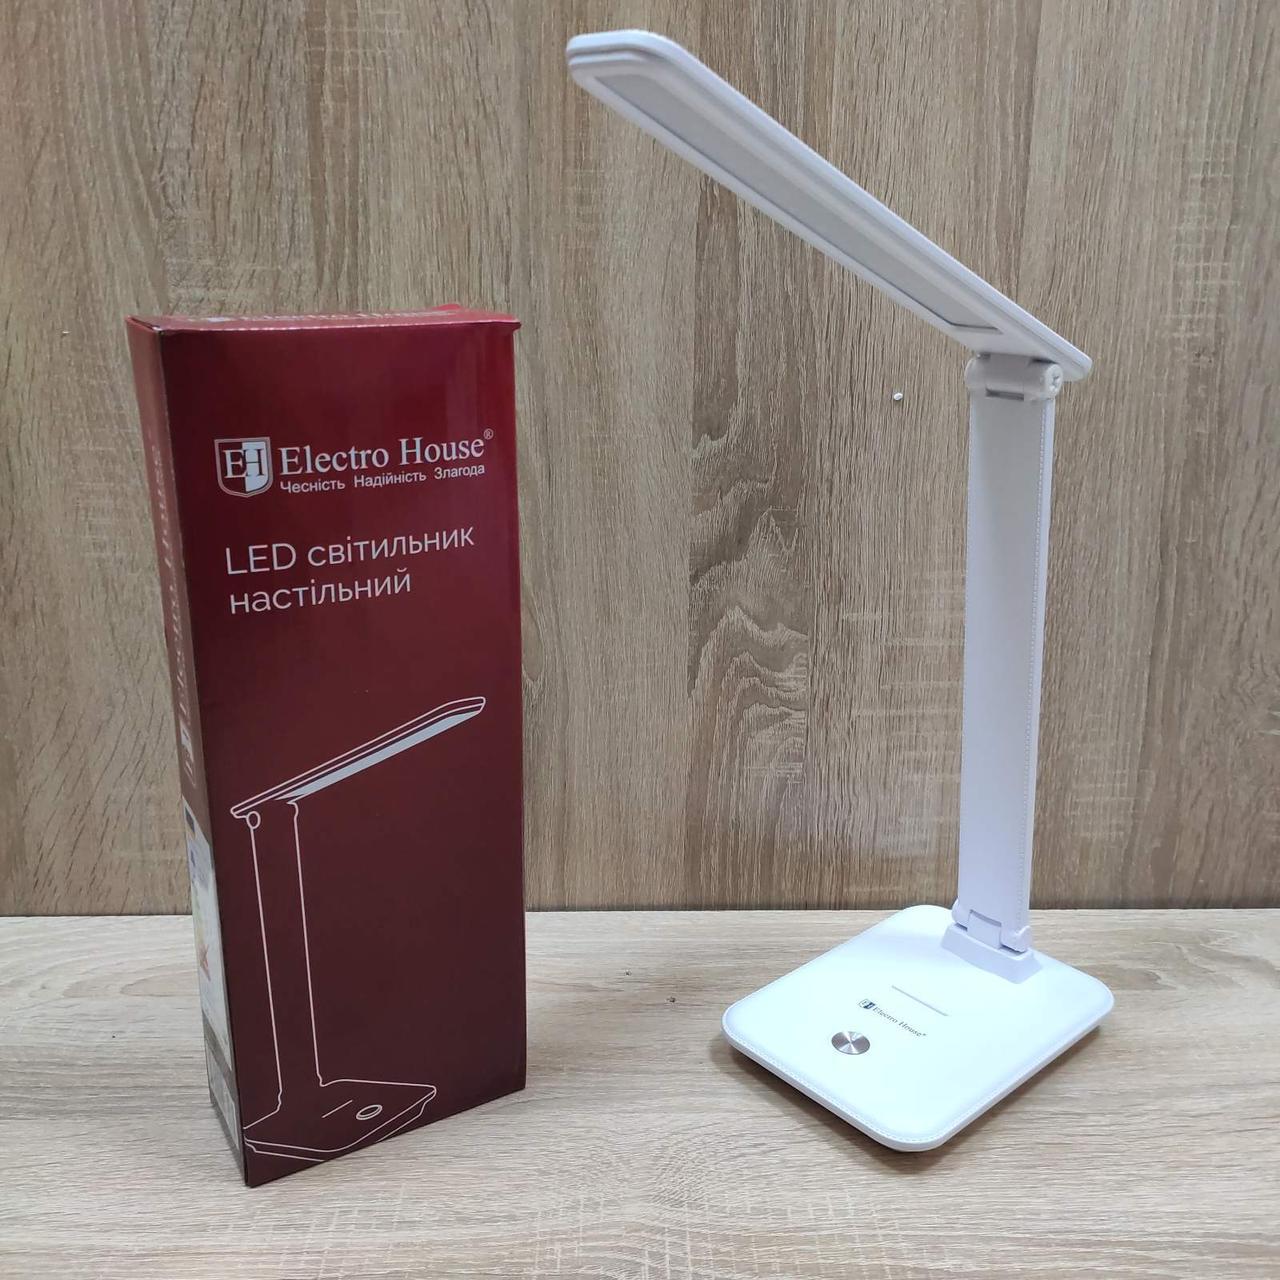 Настольный LED светильник Electro House 10W белый